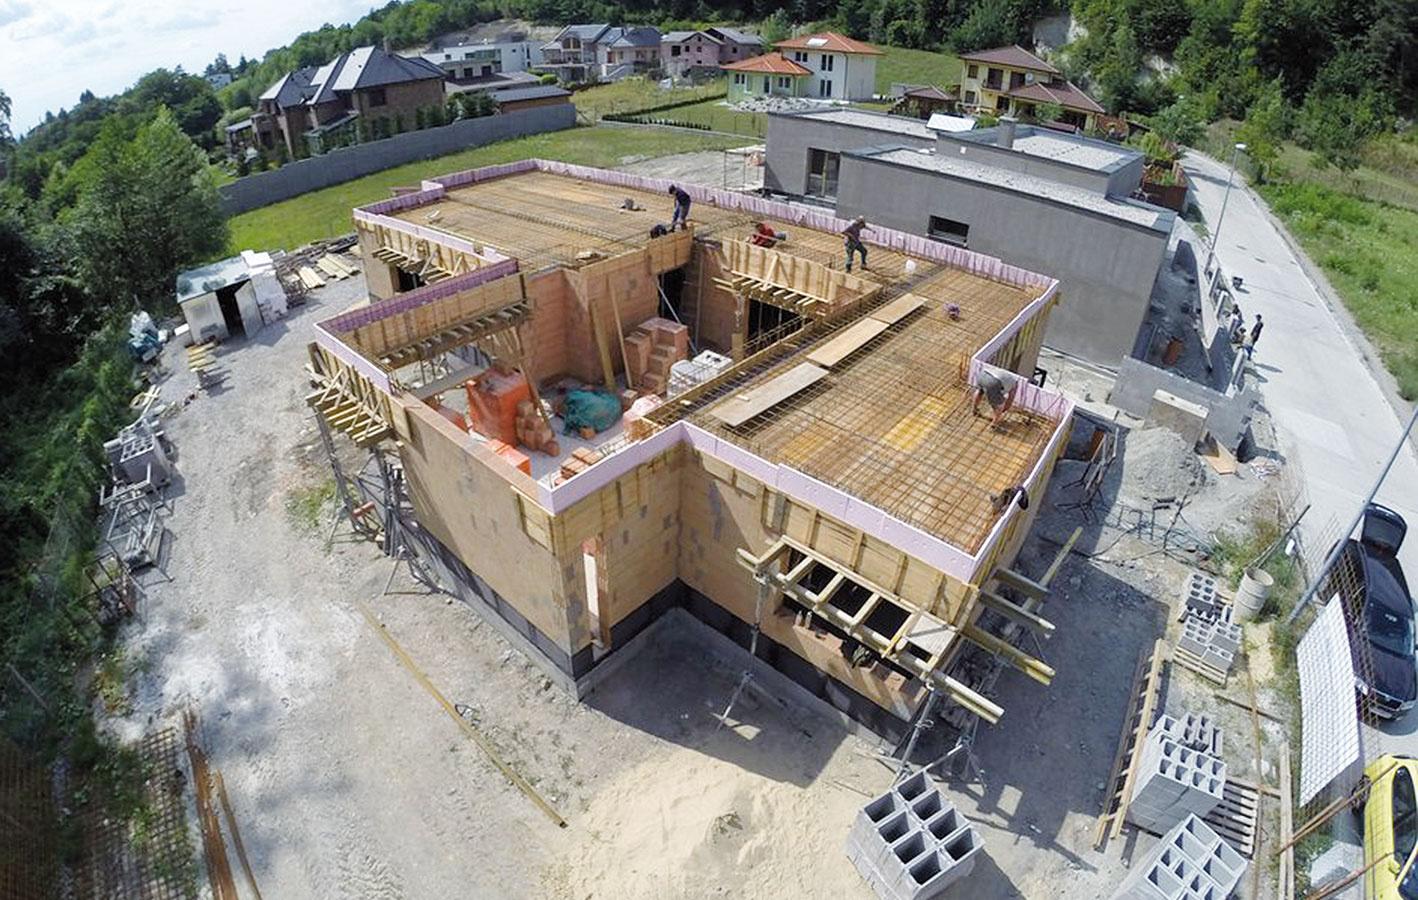 Nízkoenergetický rodinný dom vMarianke je príkladom skutočne precíznej prípravy aj realizácie. Hrubú stavbu prízemného domu s úžitkovou plochou 205 m², vymurovaného zo systému Heluz, zvládla skúsená firma za 4 a 1/2 mesiaca a 130 000 € (vrátane základov). (návrh arealizácia: Greenstudio)